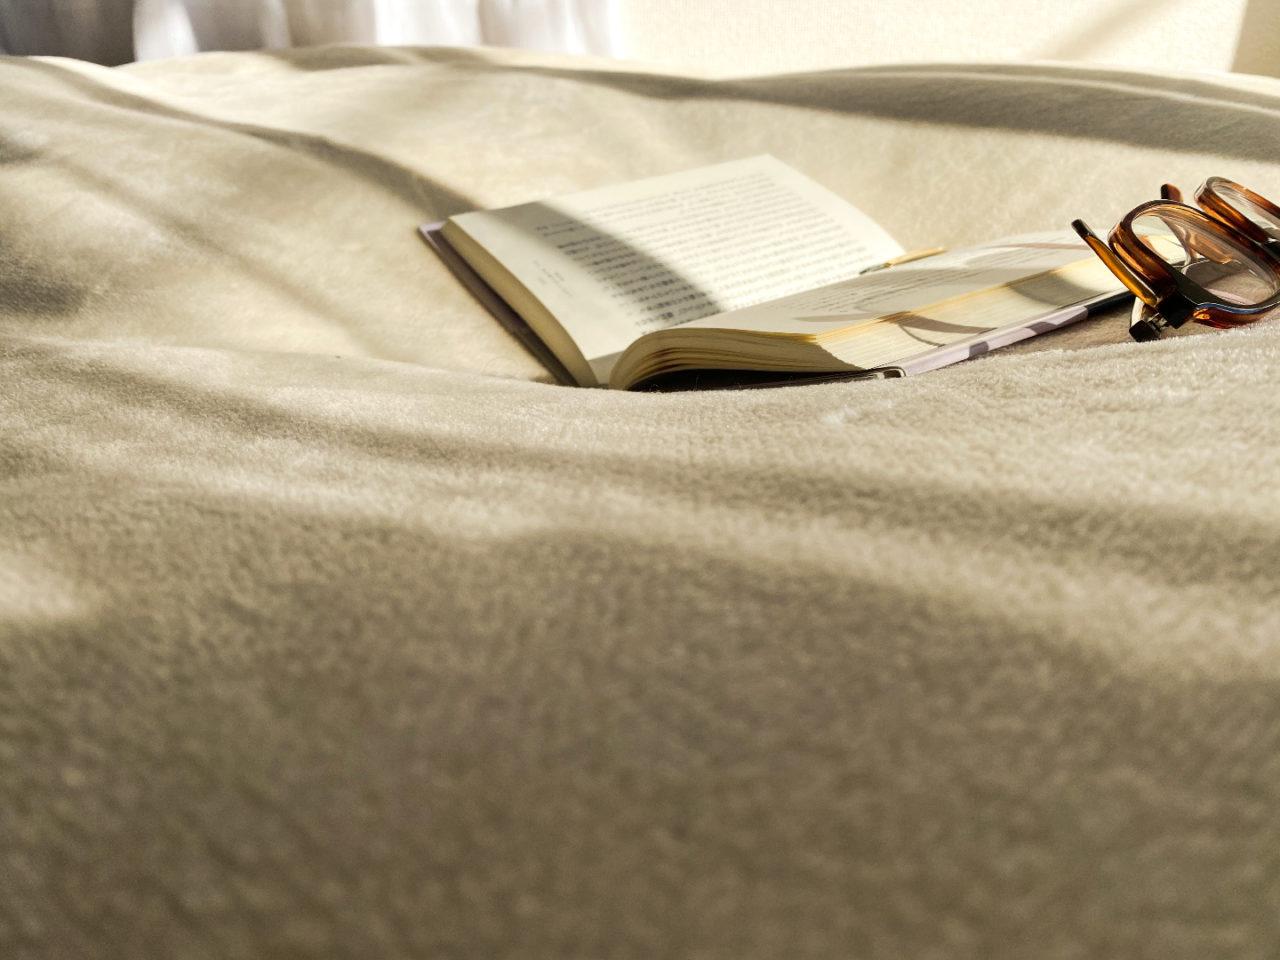 毛布にくるまっての読書をしている、その休憩中